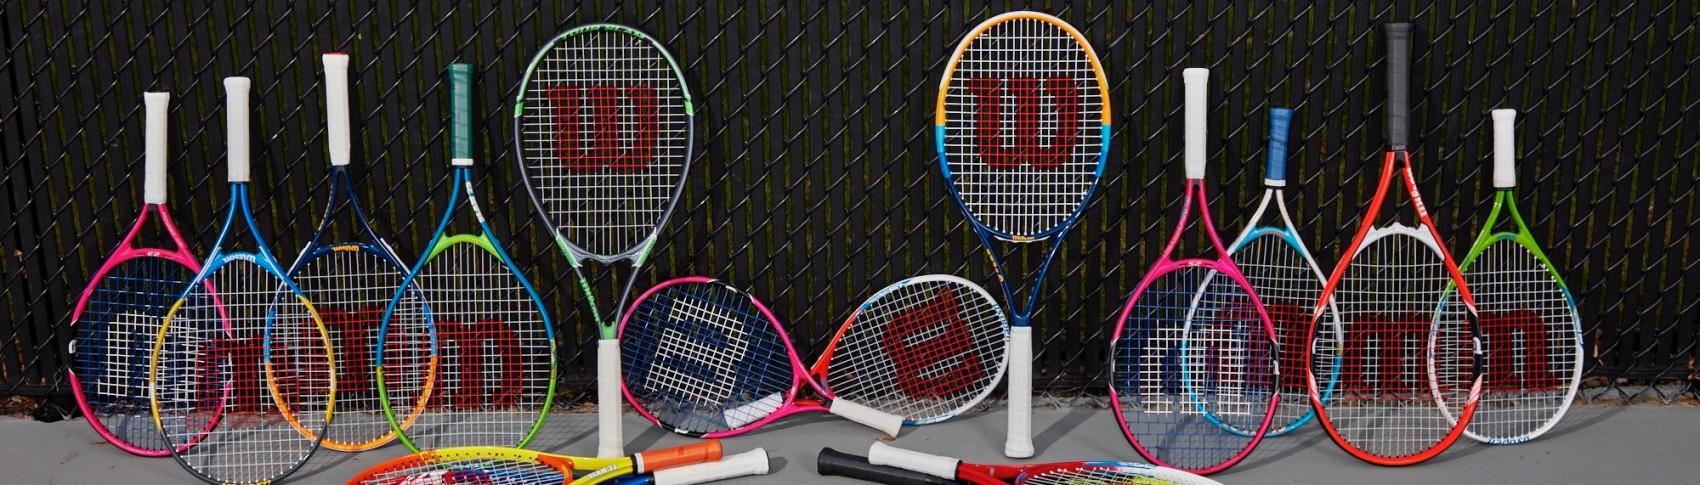 Kinder Tennisrackets